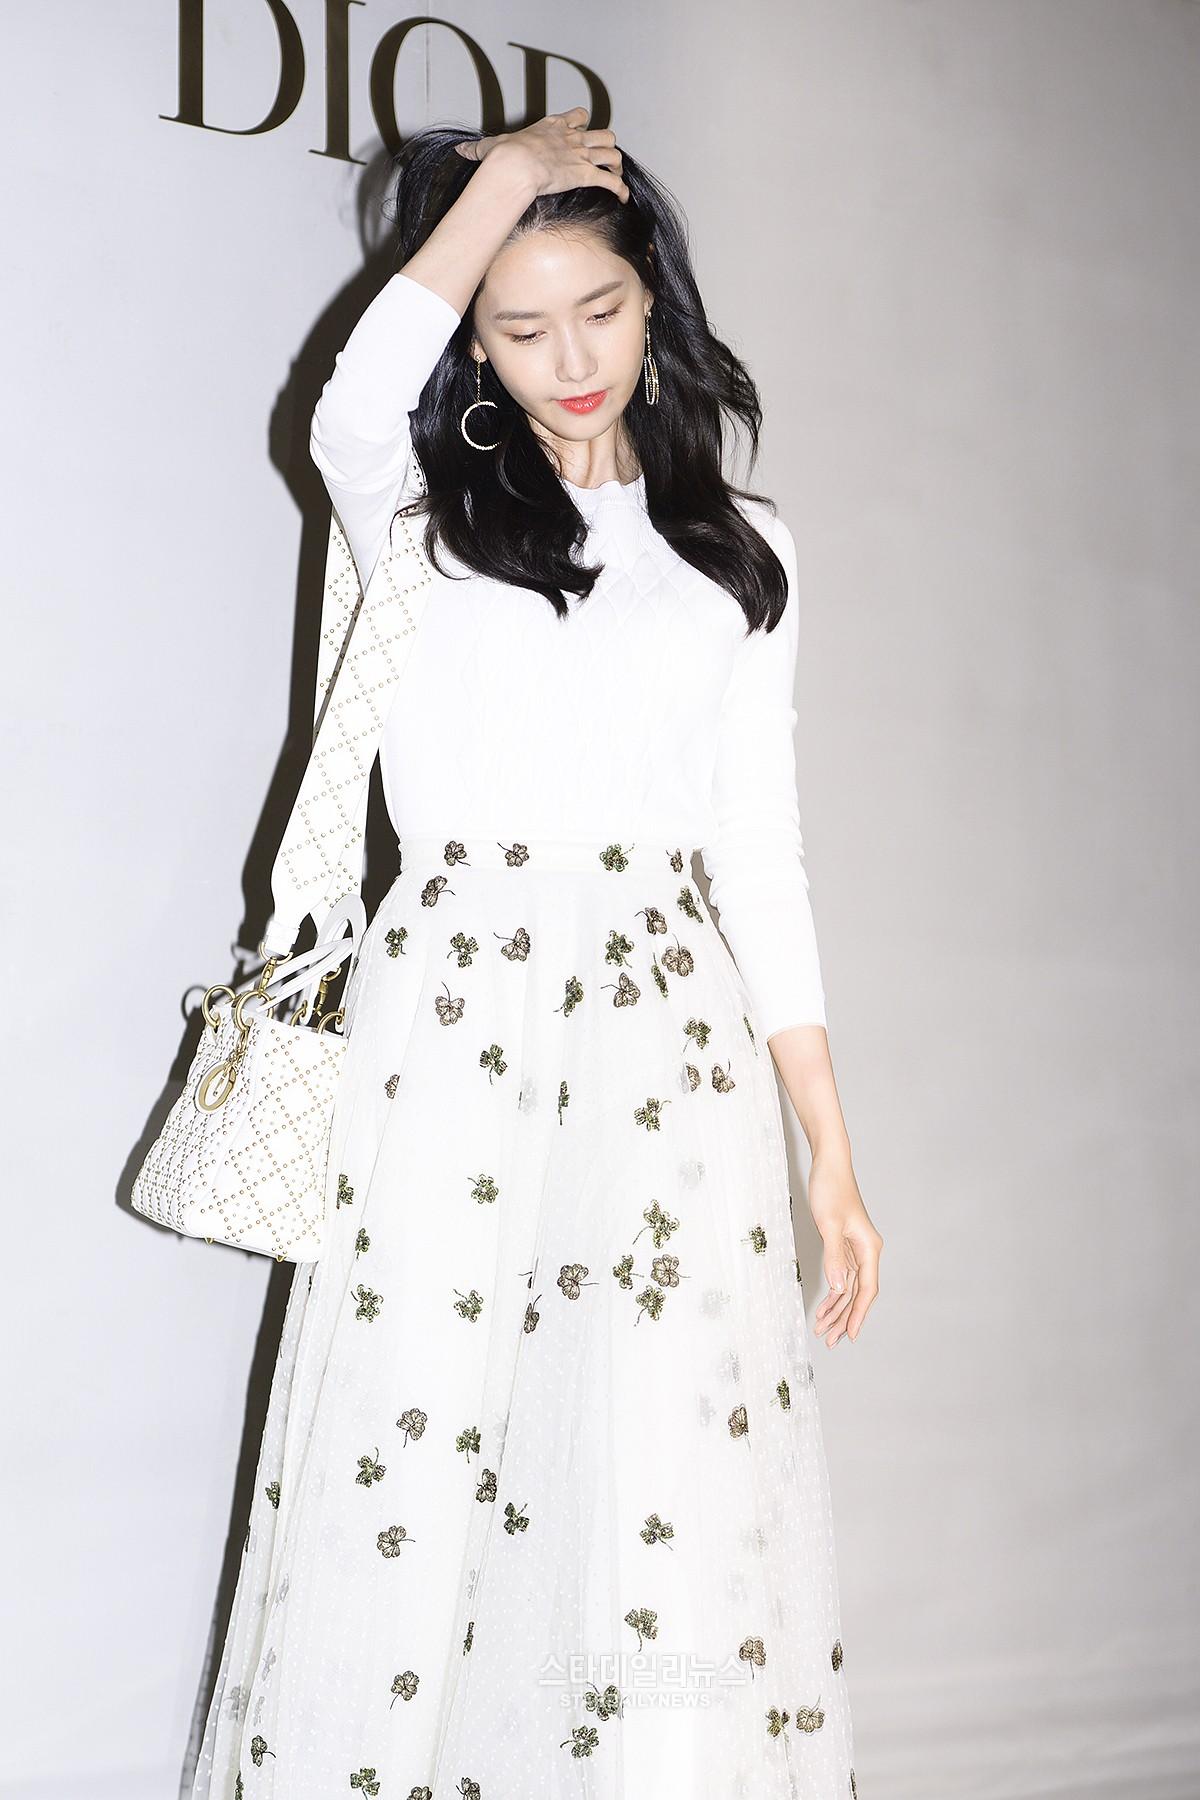 Yoona và Sulli cùng diện đồ hiệu đẳng cấp, đọ sắc vóc một chín một mười tại sự kiện của Dior - Ảnh 8.